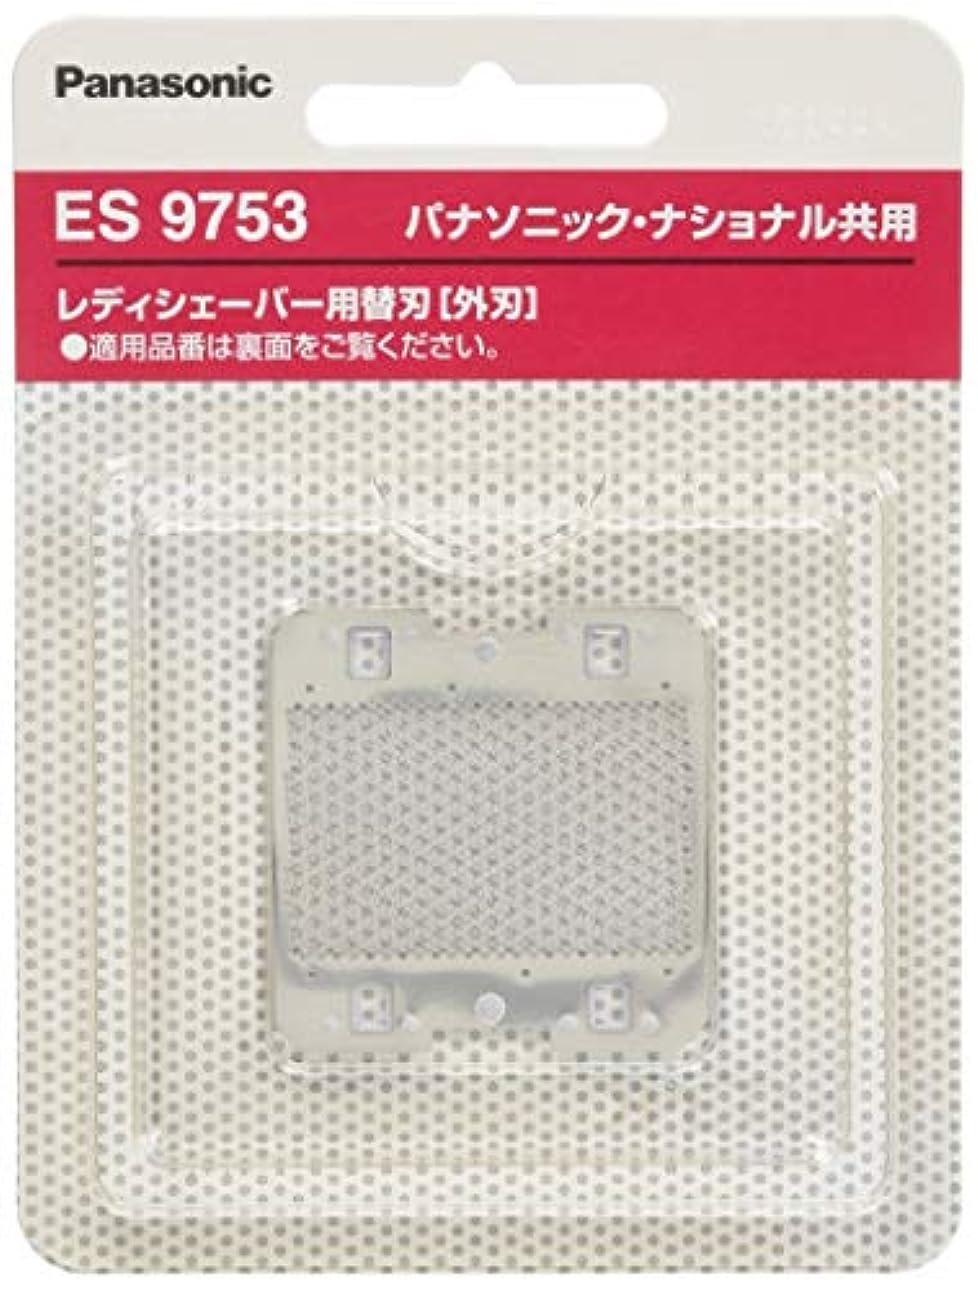 叫び声偽報復パナソニック 替刃 レディシェーバー用 ES9753